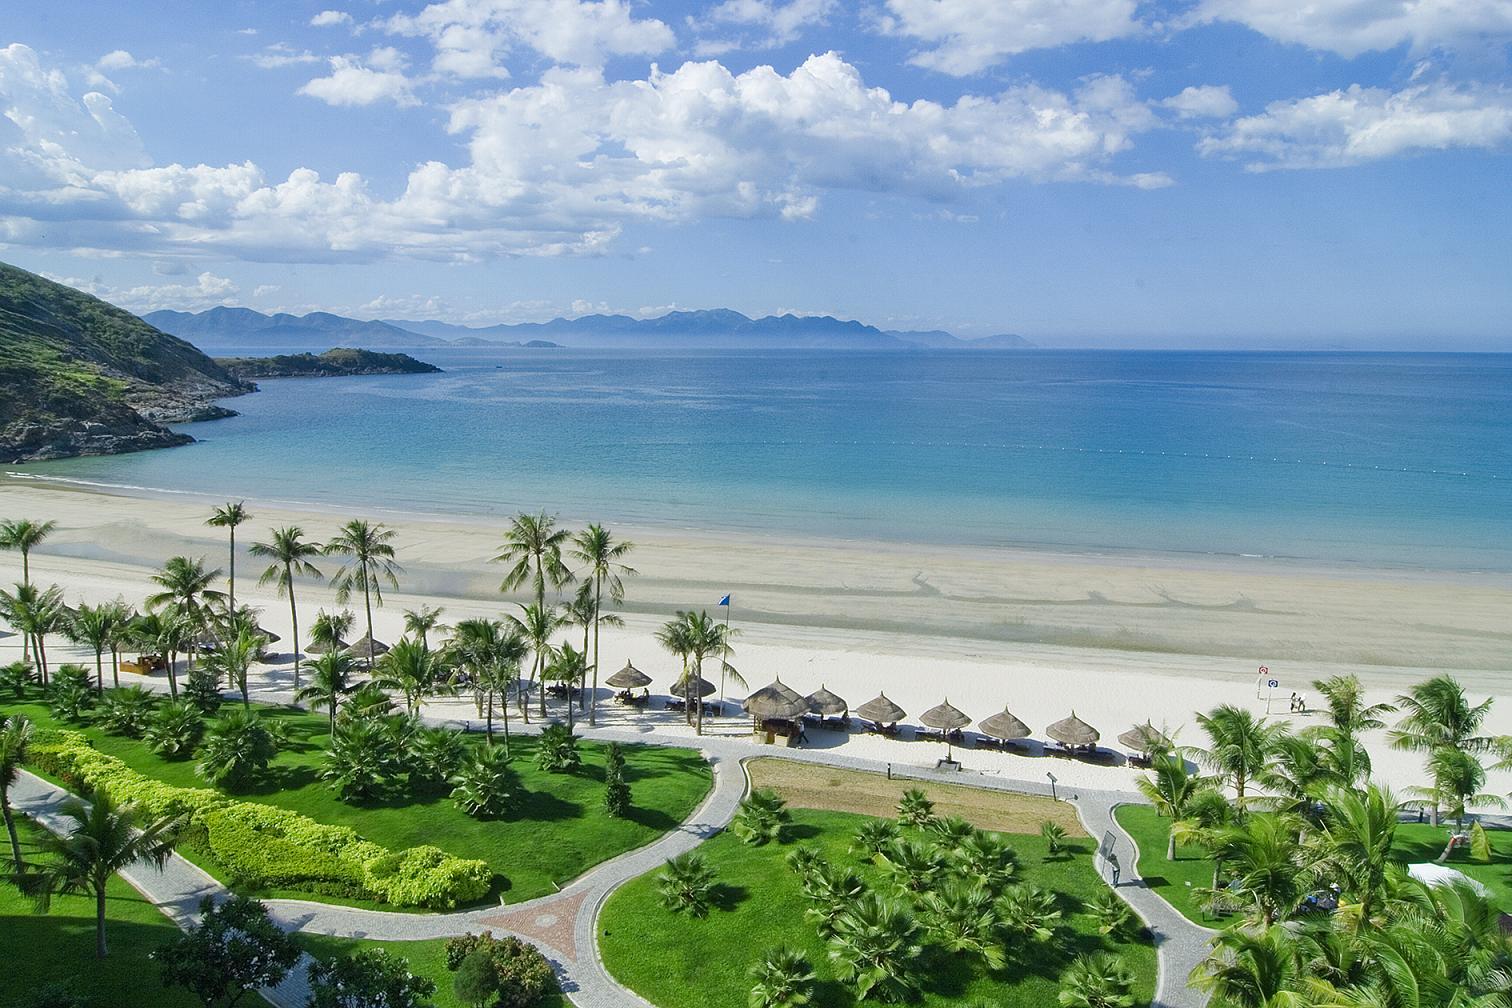 Cùng Vietnam Airlines khai phá Cảnh đẹp Nha Trang